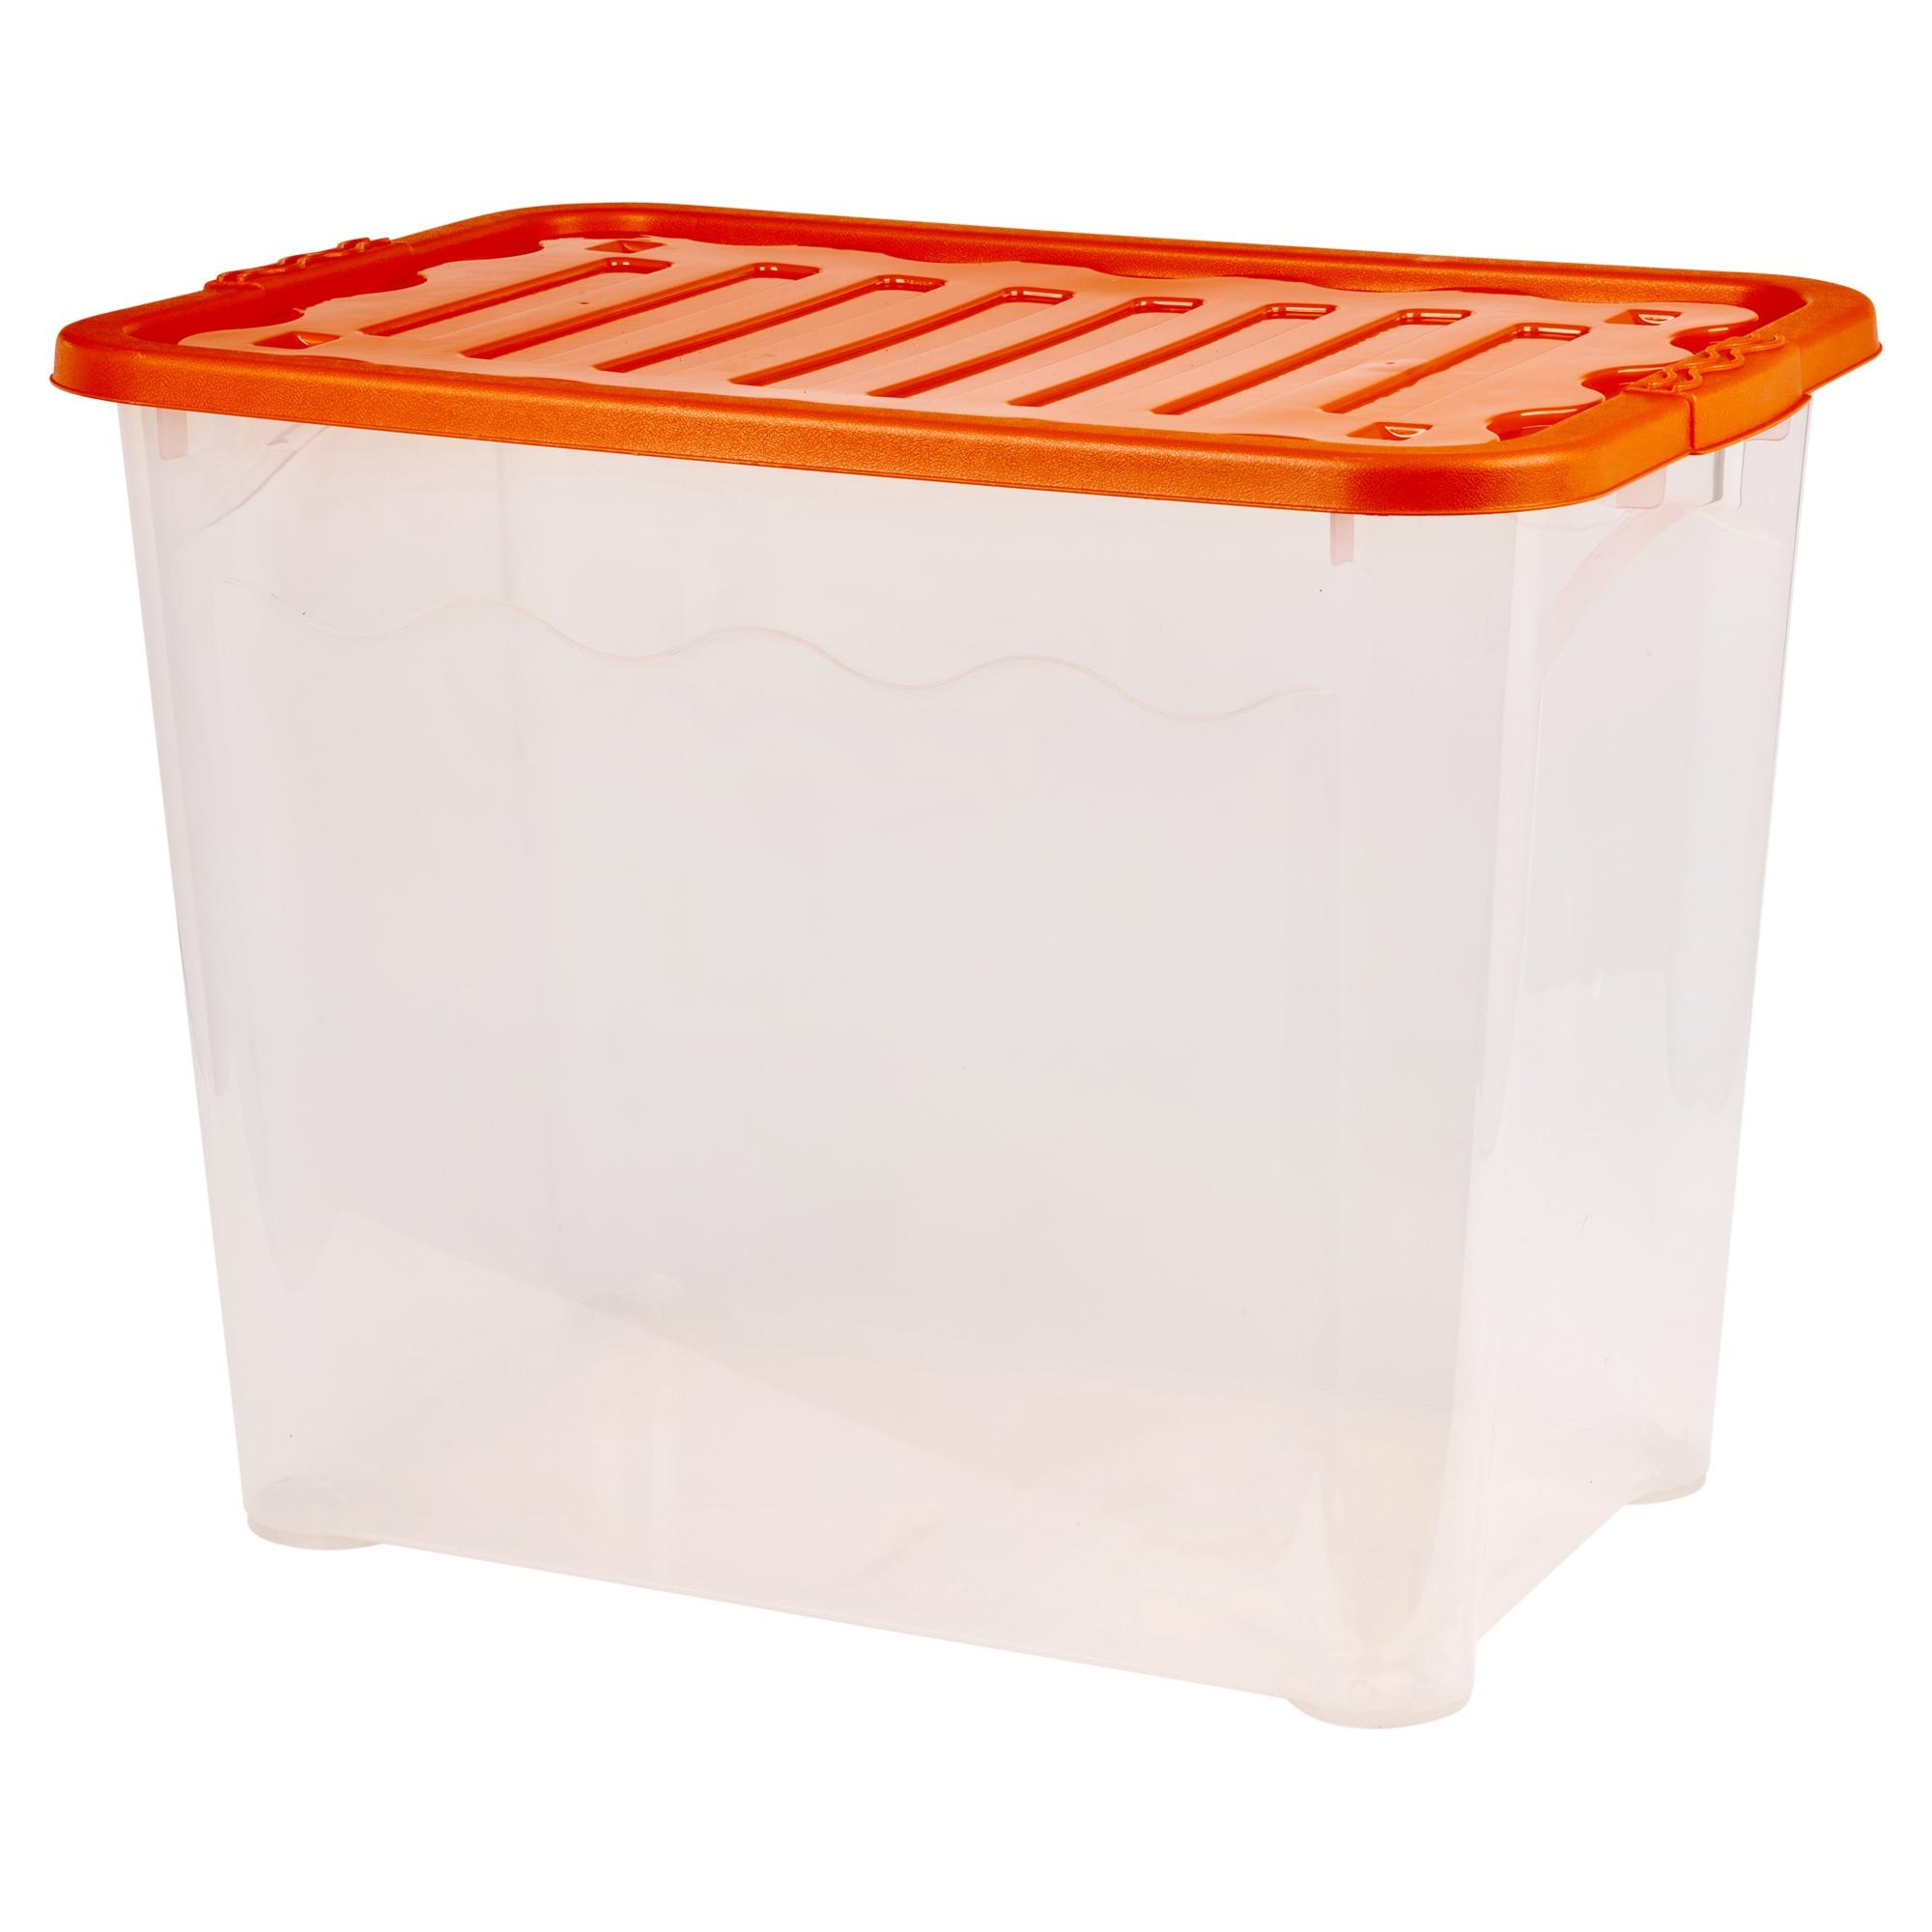 2er set plastik 74 liter aufbewahrungsboxen xl beh lter mit deckel stapelbar ebay. Black Bedroom Furniture Sets. Home Design Ideas